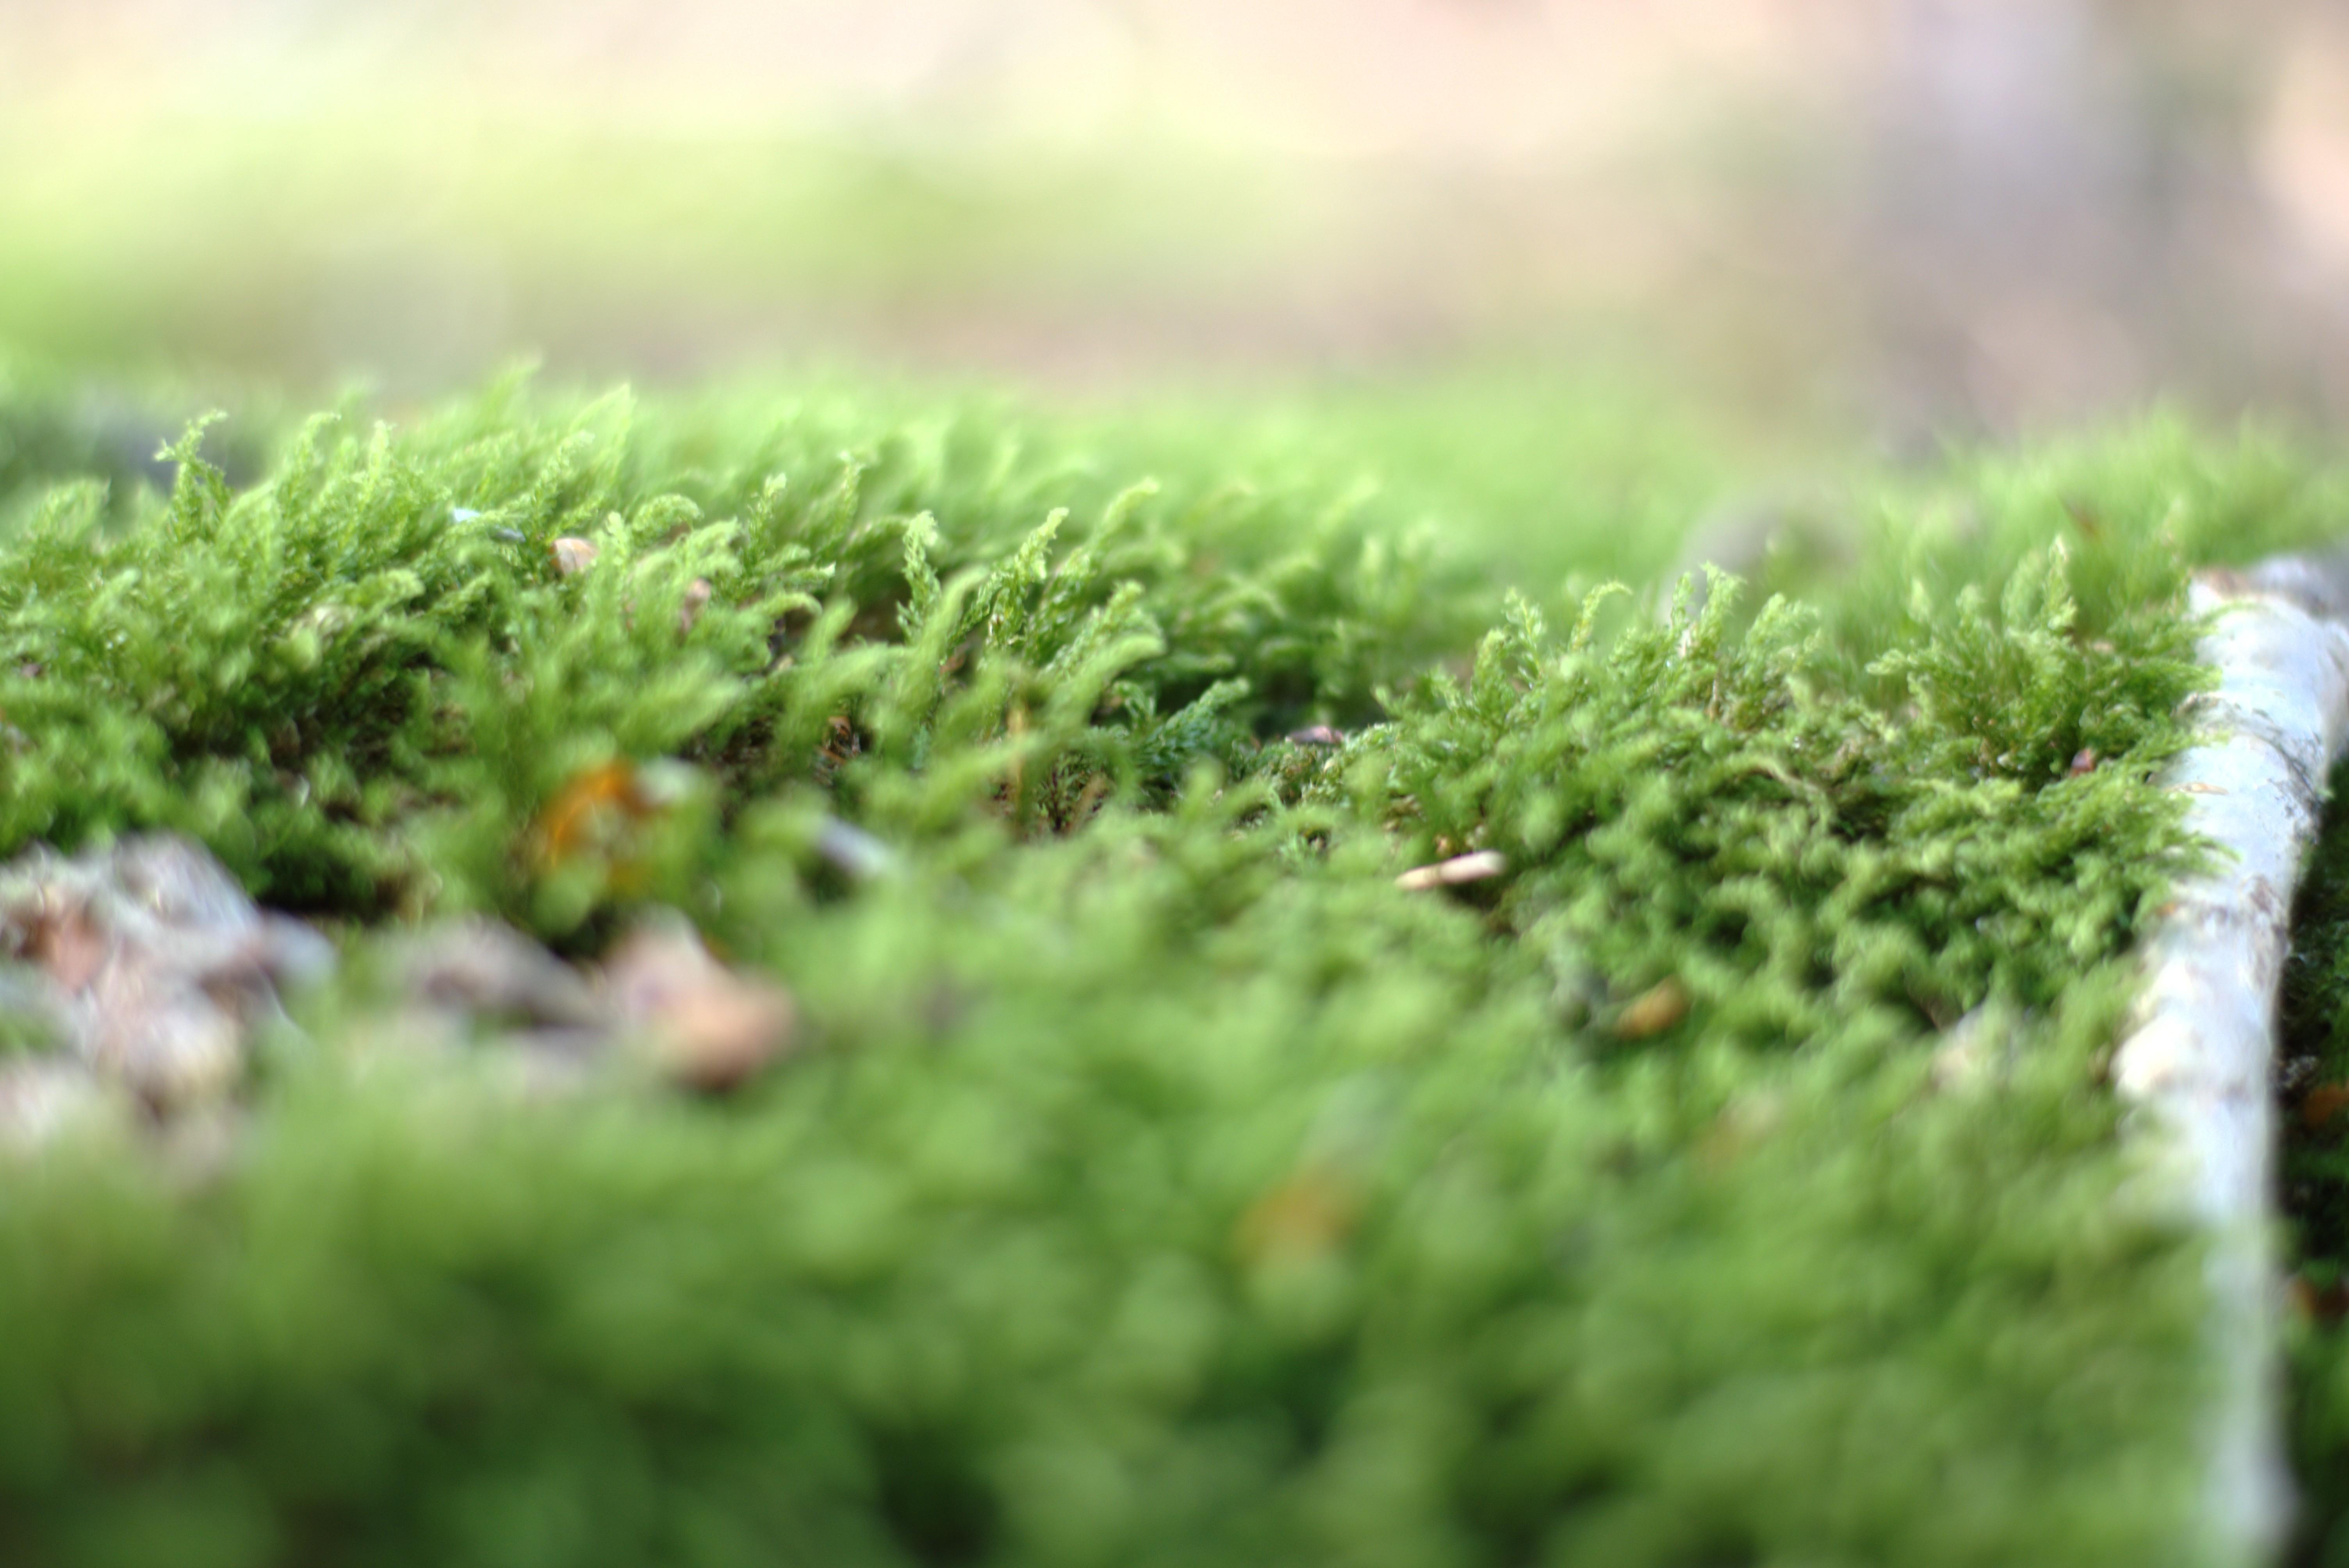 Nærbillede af mos på en gren